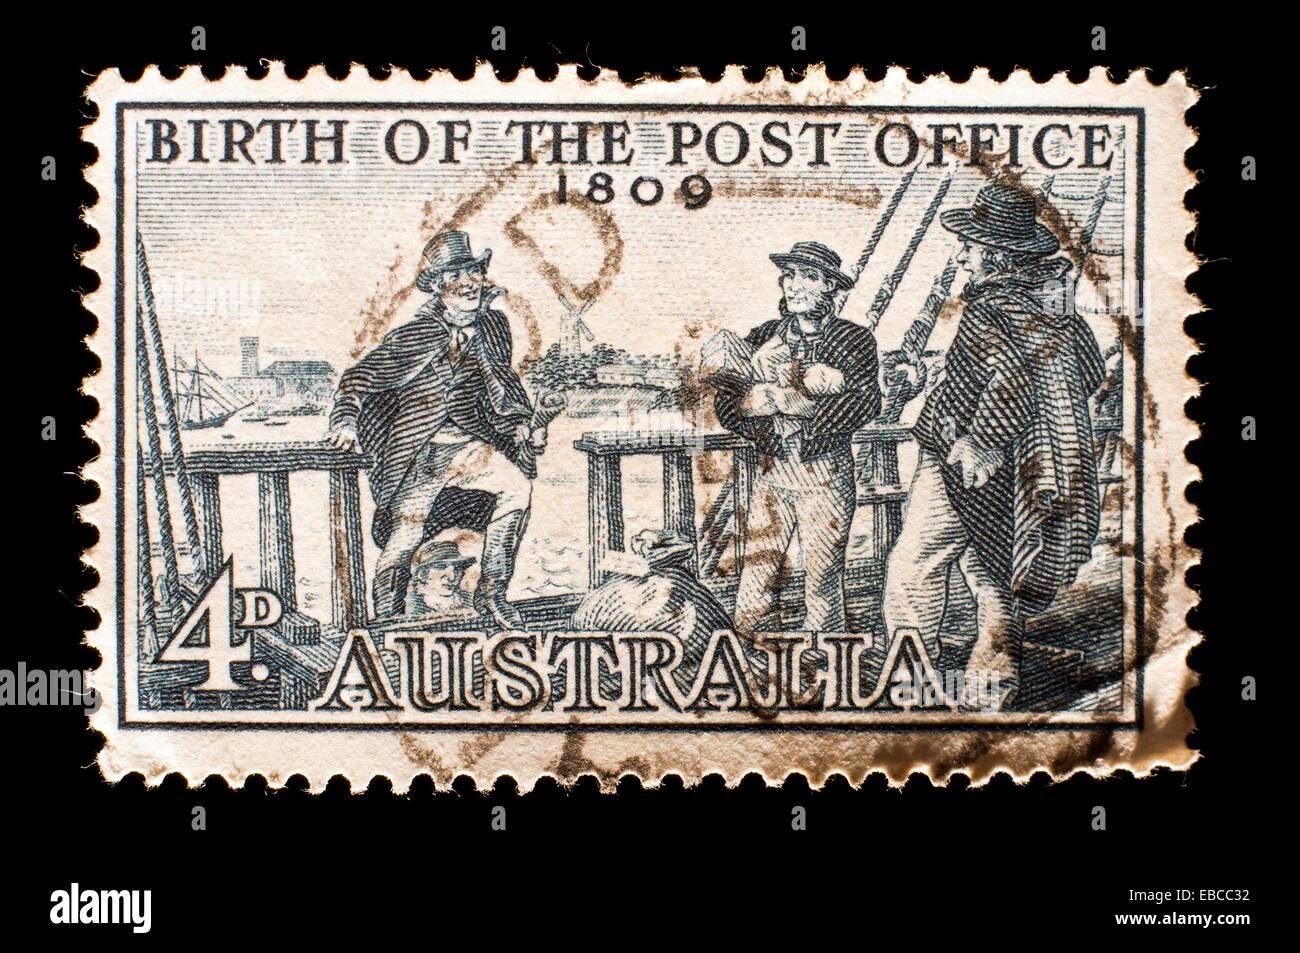 Birth Stamp